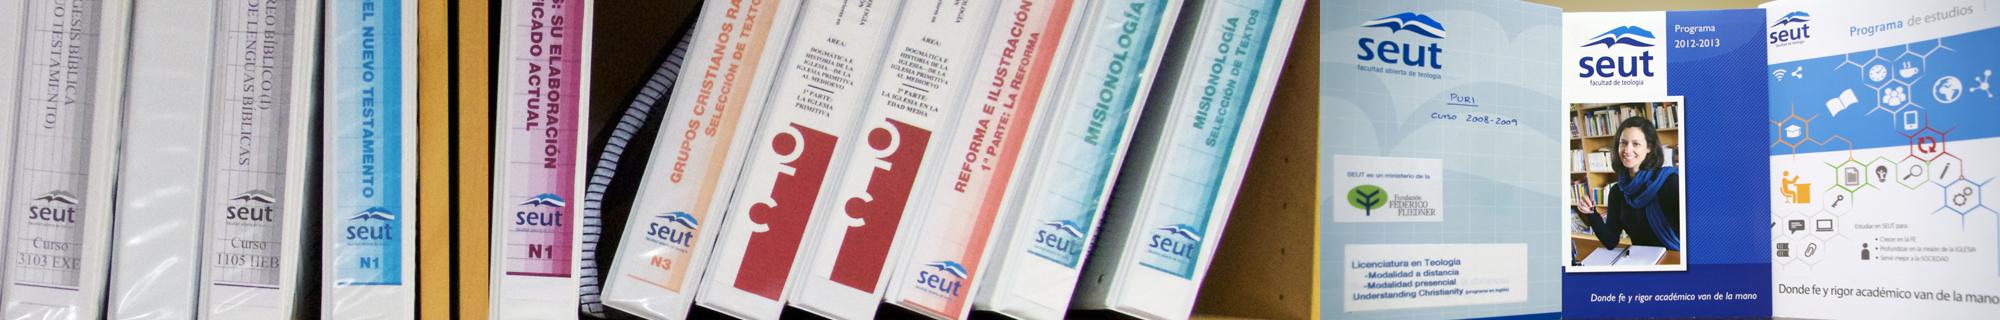 Programas de la Facultad de Teología Seut